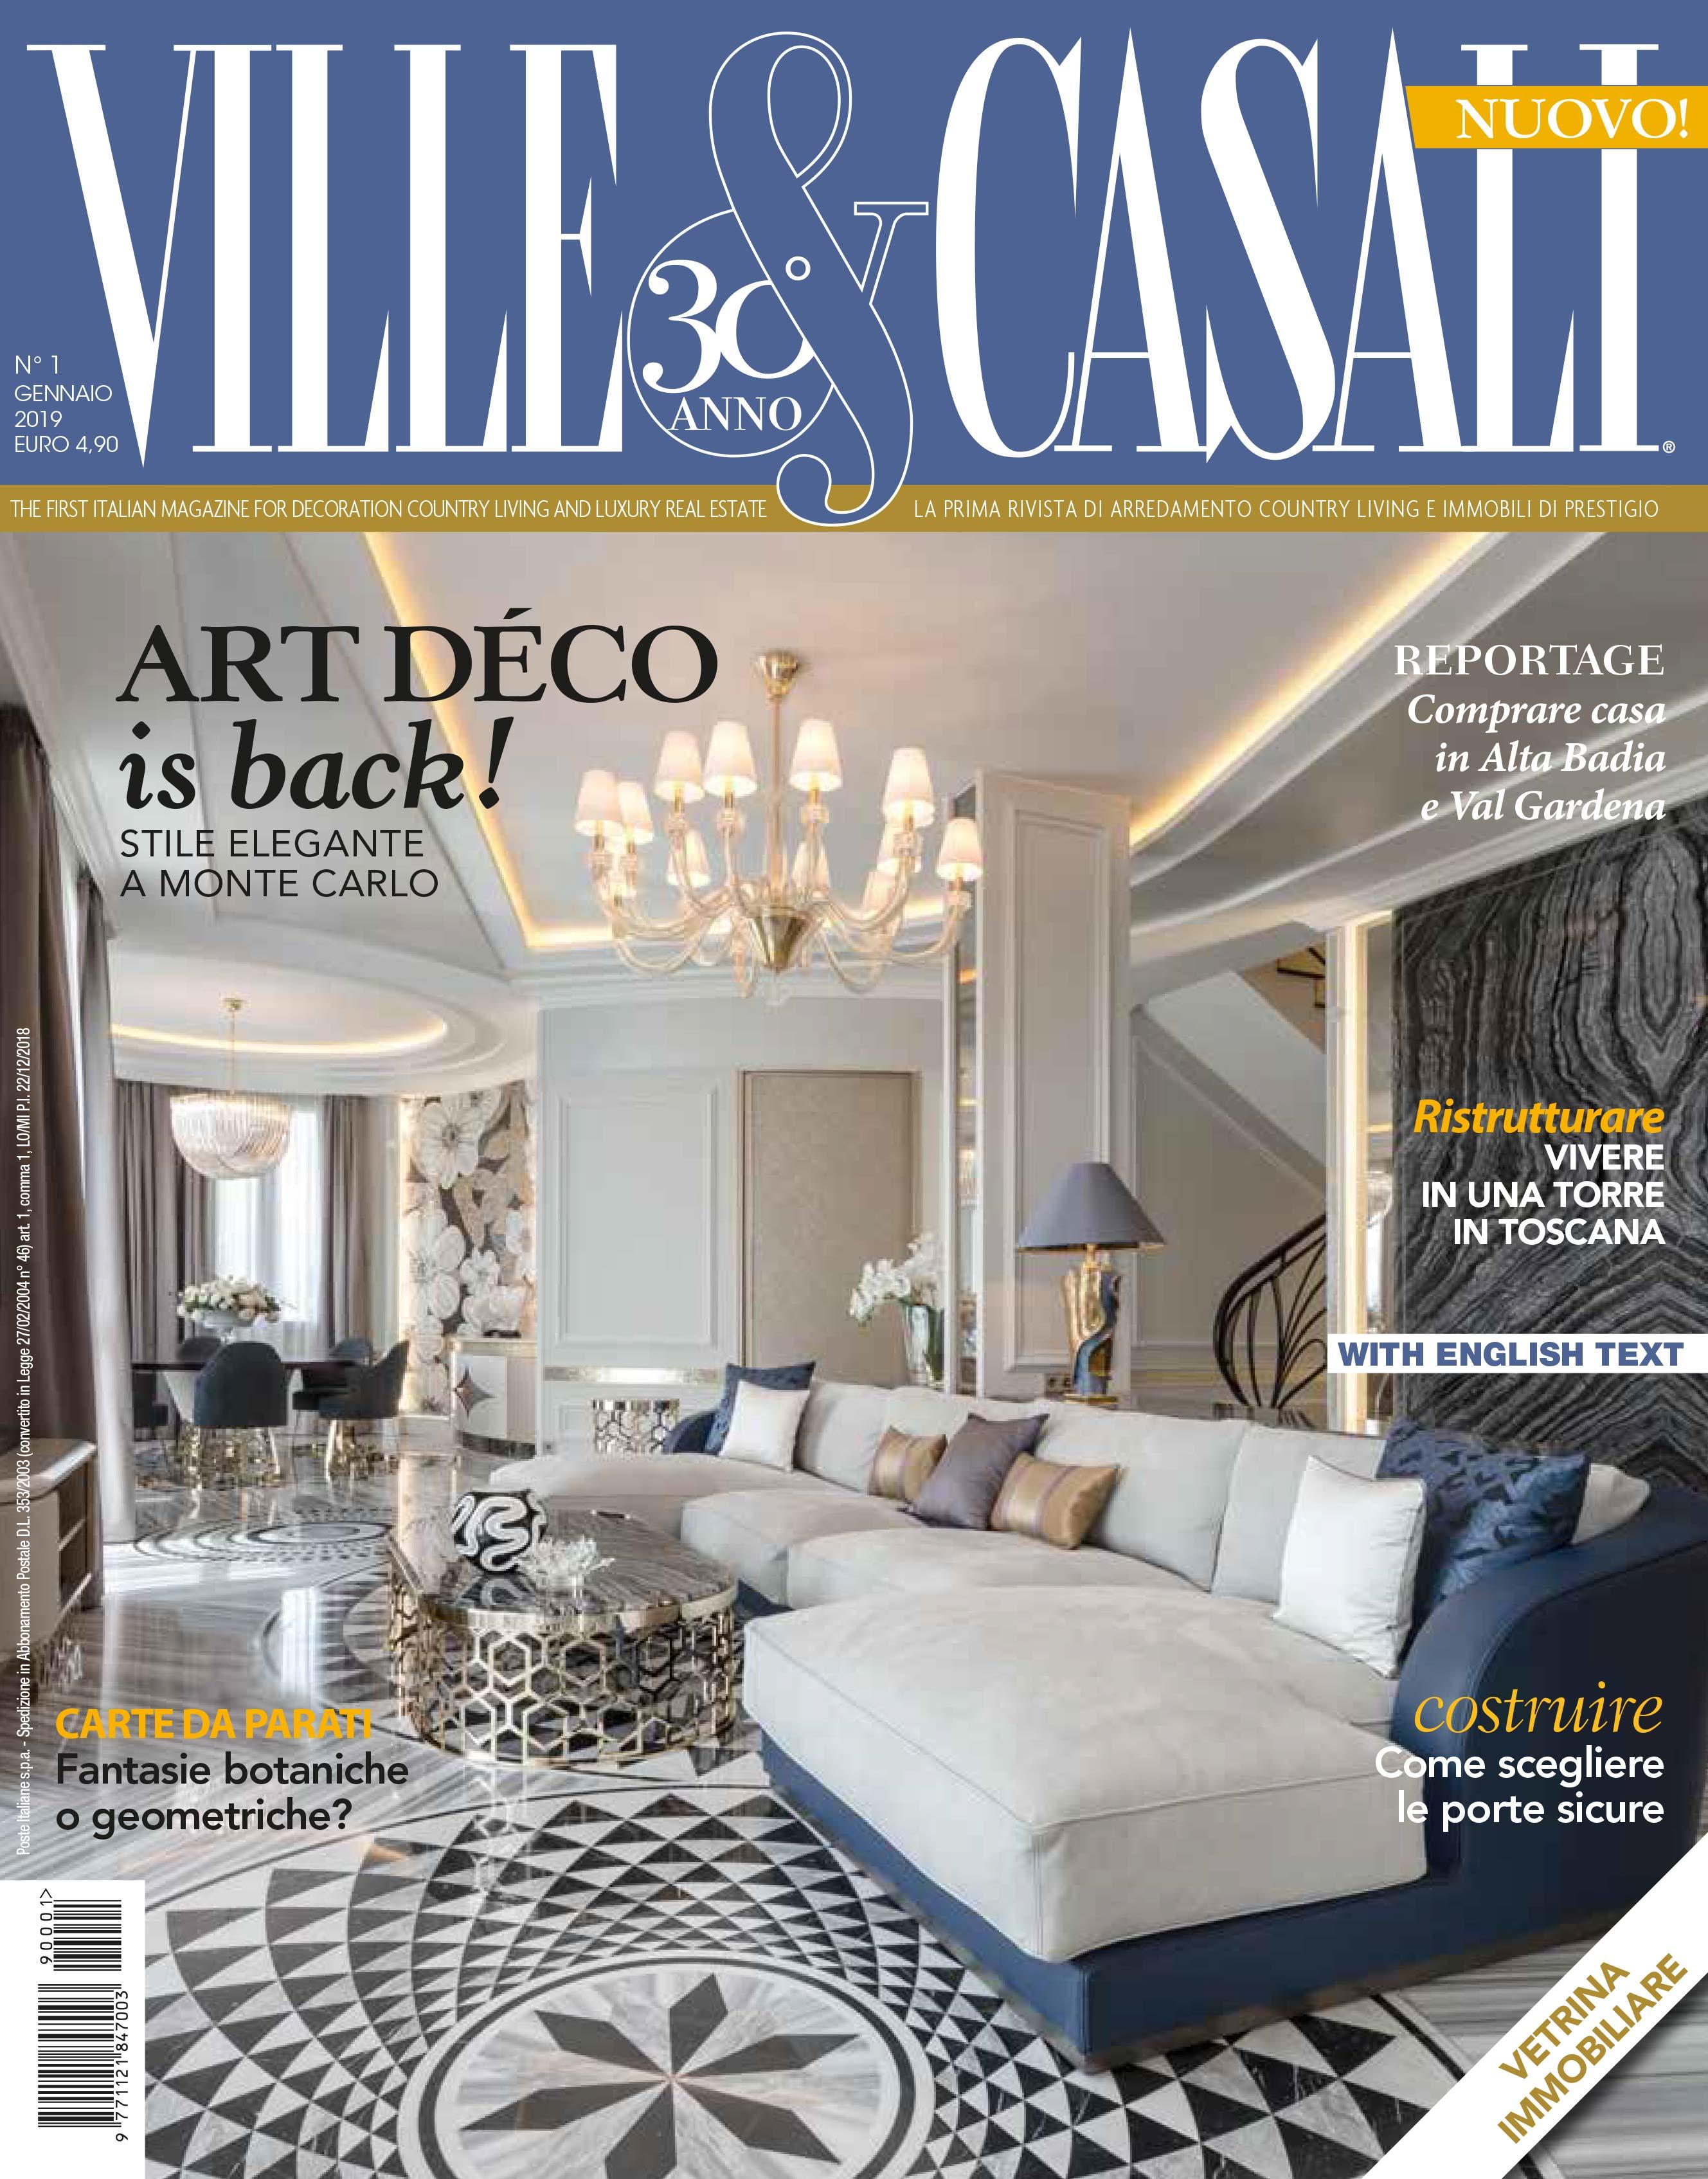 Arredamento Per Casali ville & casali n. 01 2019 - palazzo morelli interni e